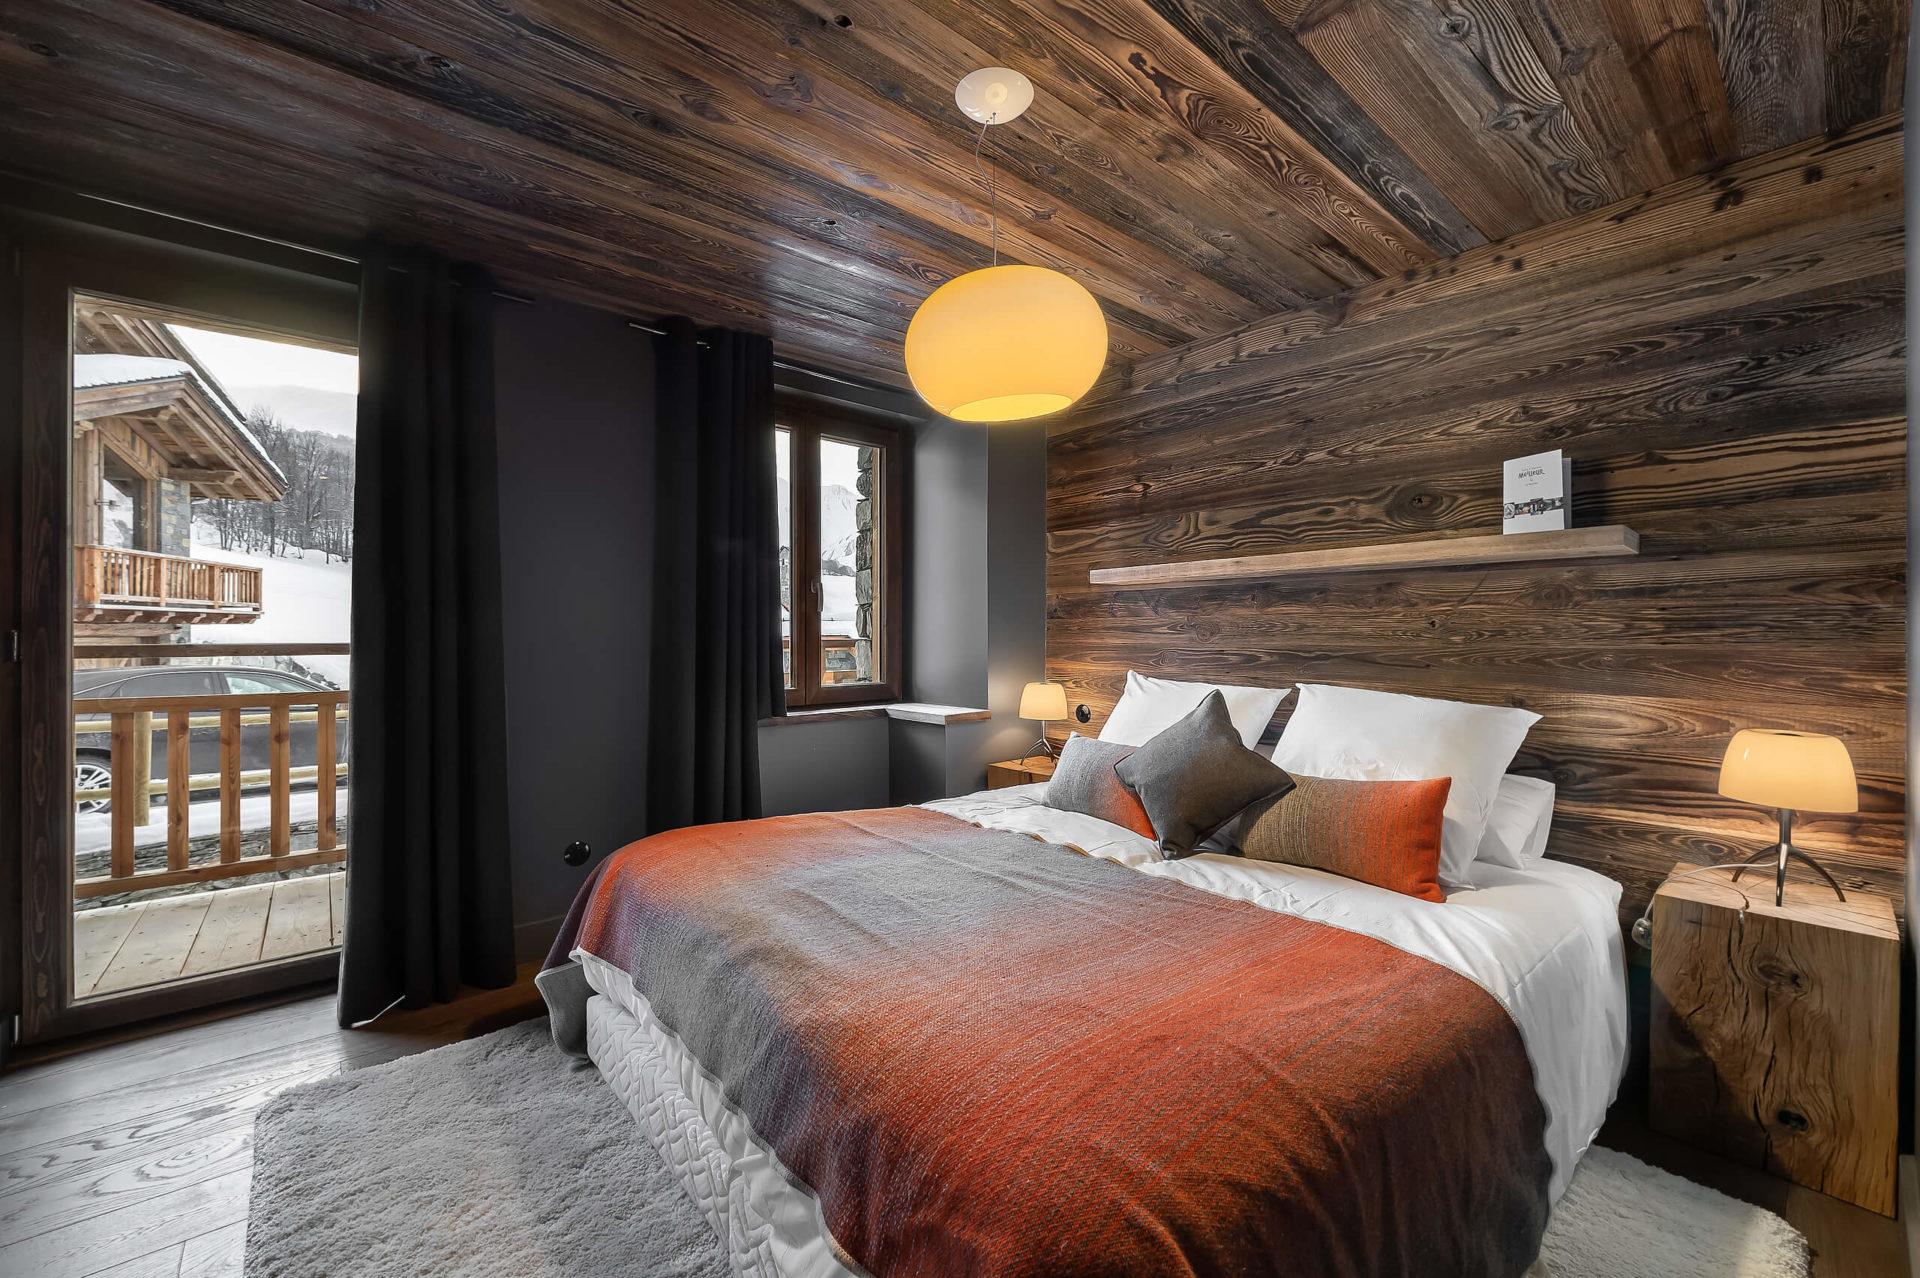 Ferme de 1779 - chambre 2 / Saint Martin de Belleville, Savoie